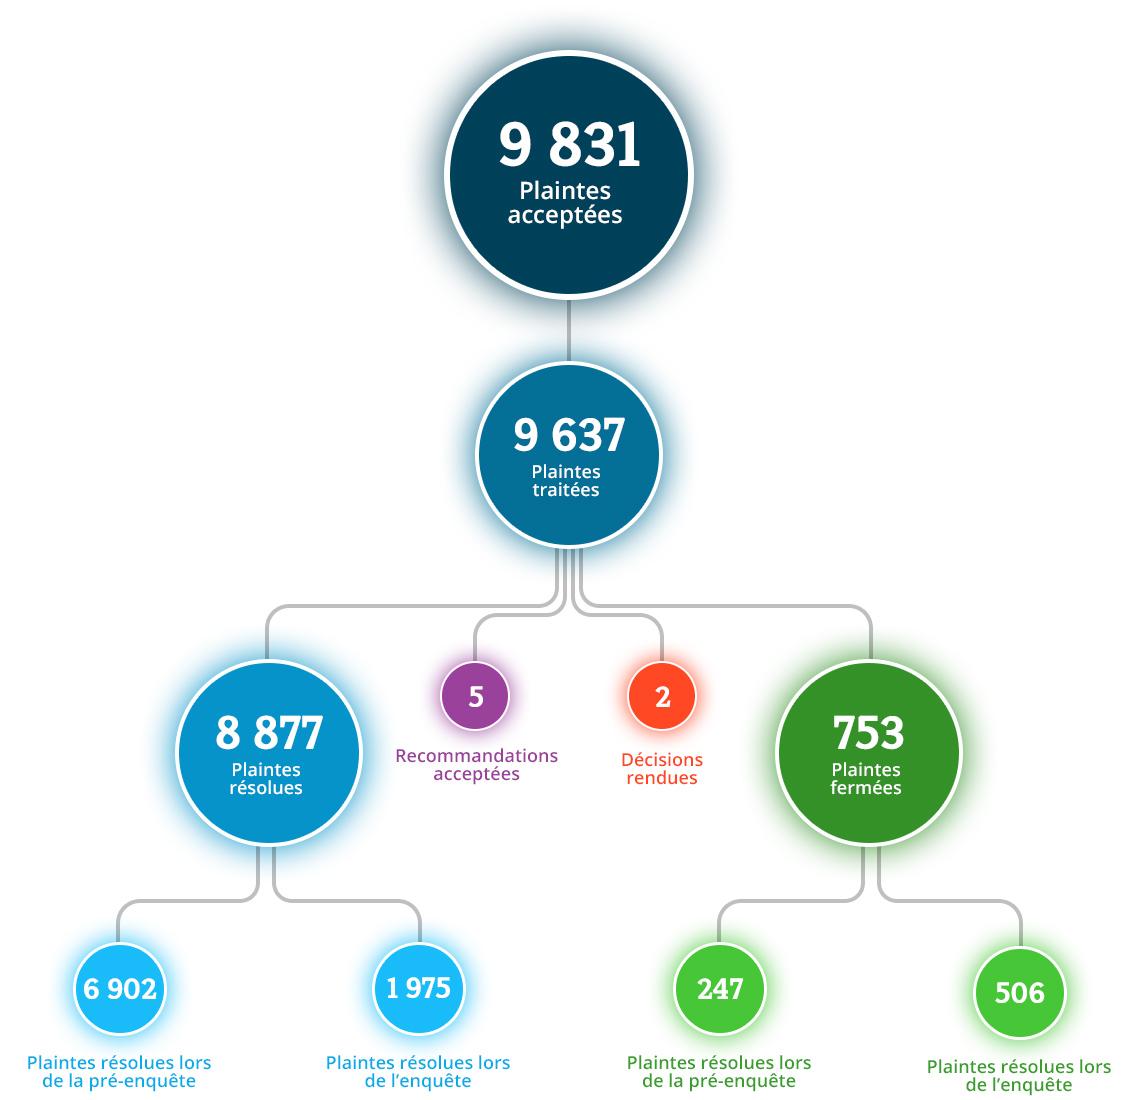 Nous avons accepté 9 831 plaintes et traité 9 637 de ces plaintes. De ces plaintes traitées, nous avons résolu 8 877 plaintes et fermé 753 plaintes, et avons rendu 5 recommandations et 2 décisions. 6 902 plaintes ont été résolues à l'étape de la pré-enquête, et 1 975 plaintes ont été résolues à l'étape de l'enquête. Nous avons fermé 247 plaintes à l'étape de la pré-enquête, et 506 plaintes à l'étape de l'enquête.